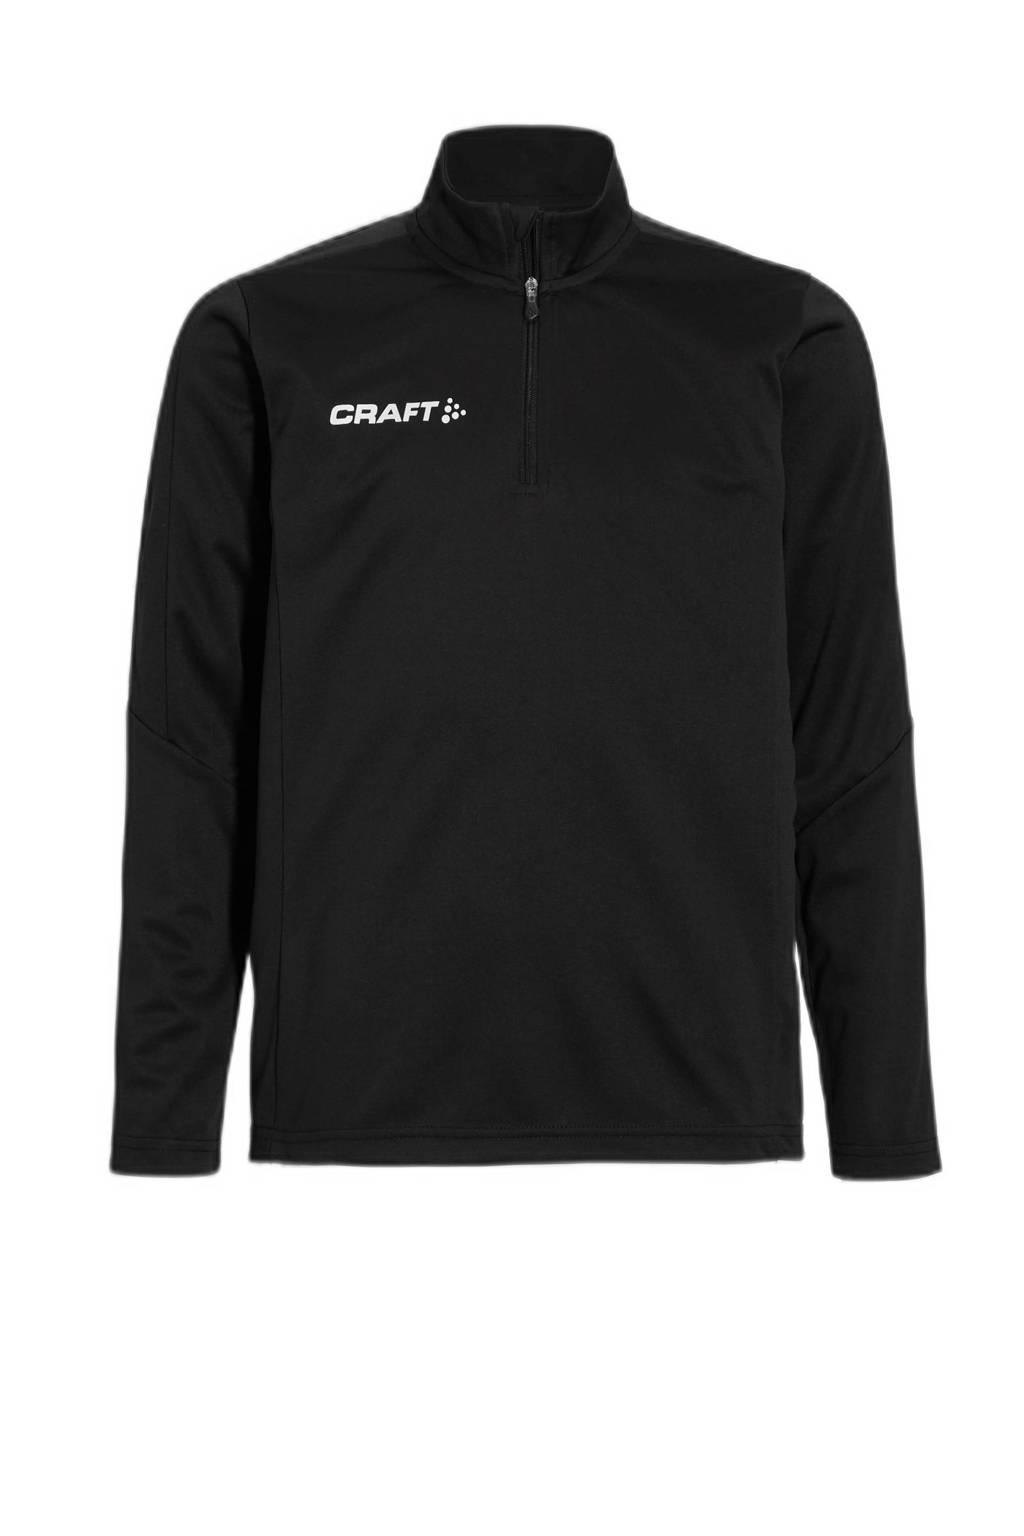 Craft   sportsweater, Zwart, Jongens/meisjes